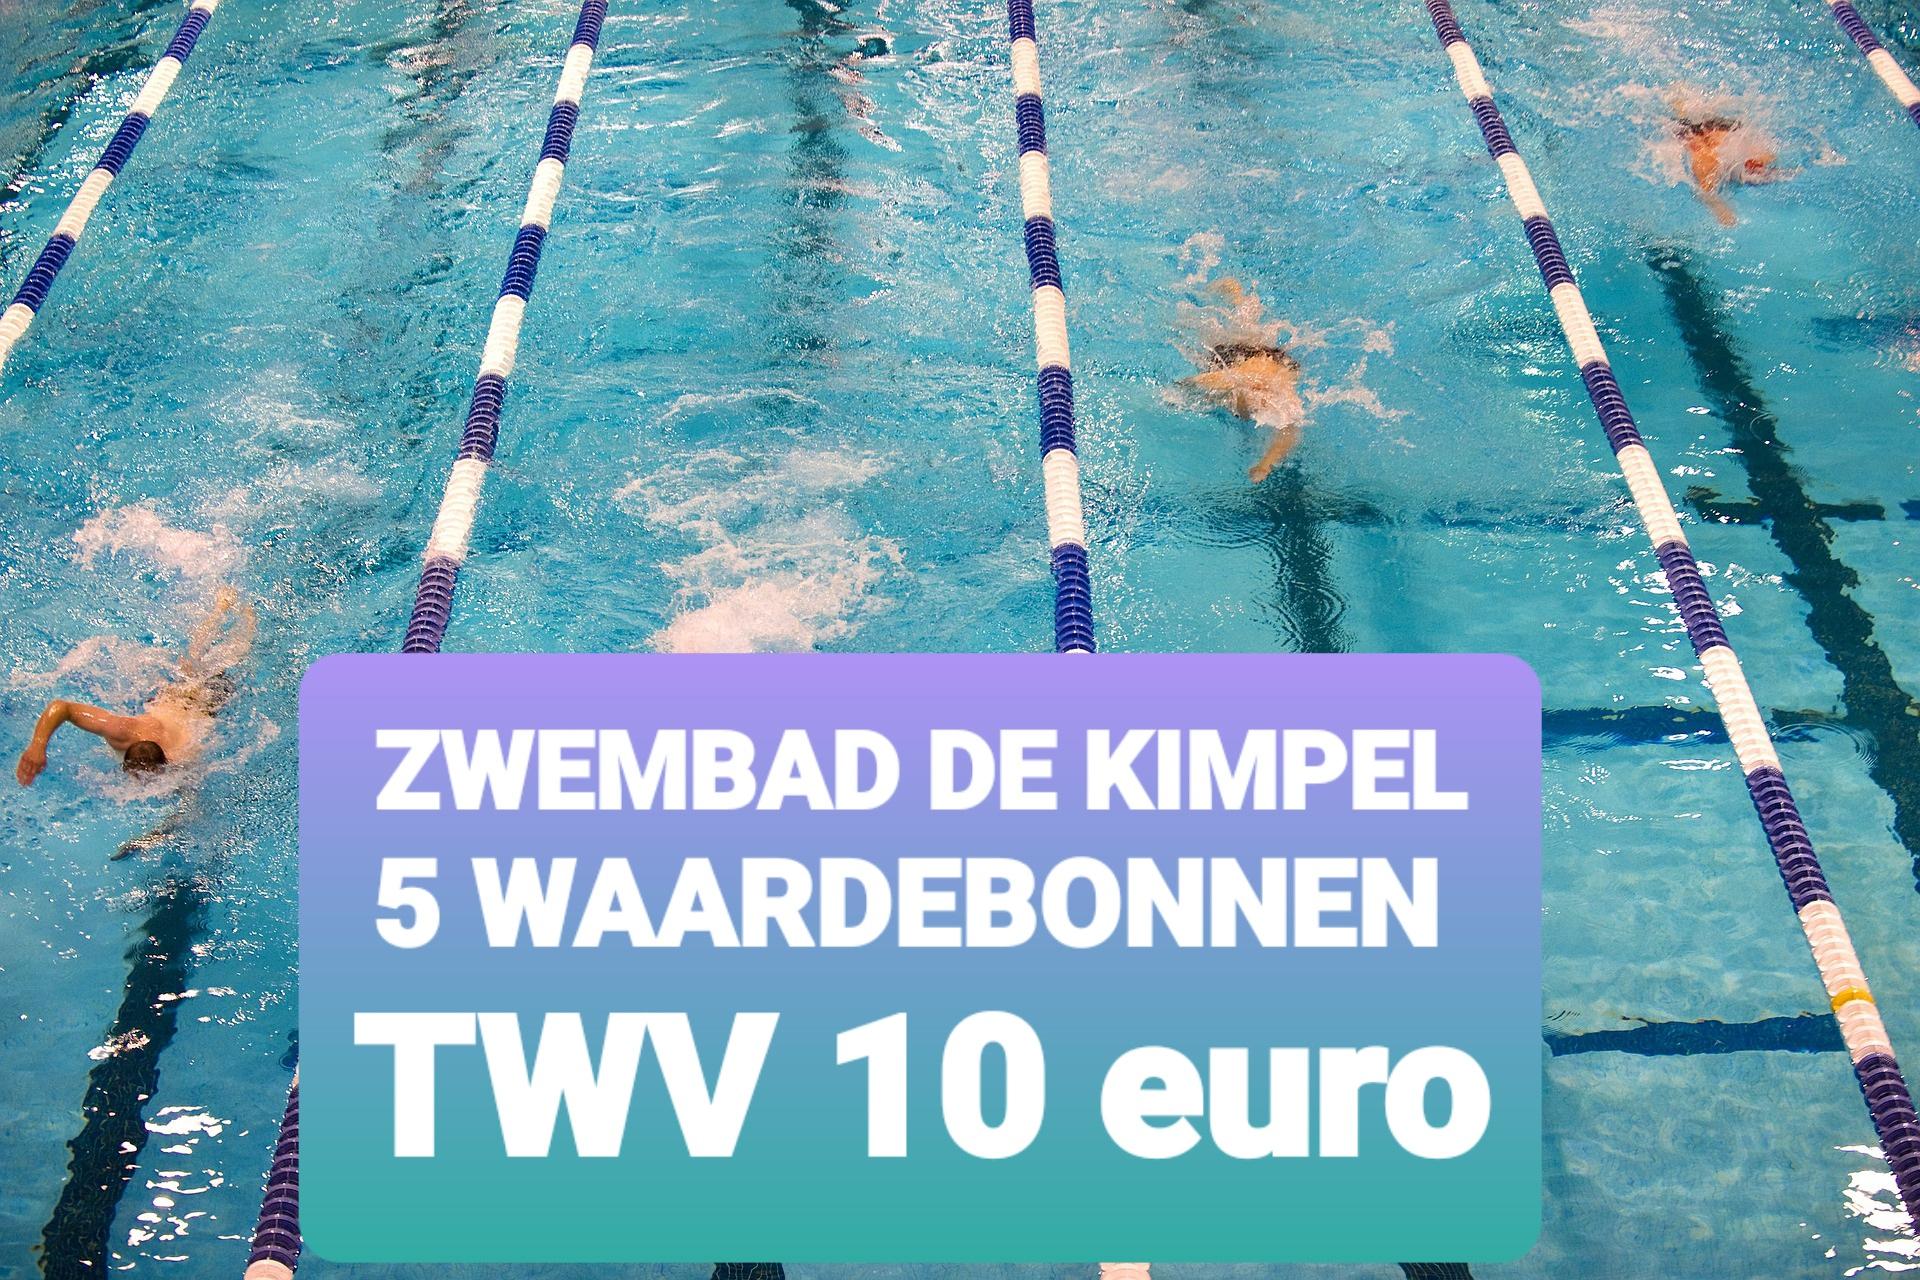 Zwembad de Kimpel Bilzen